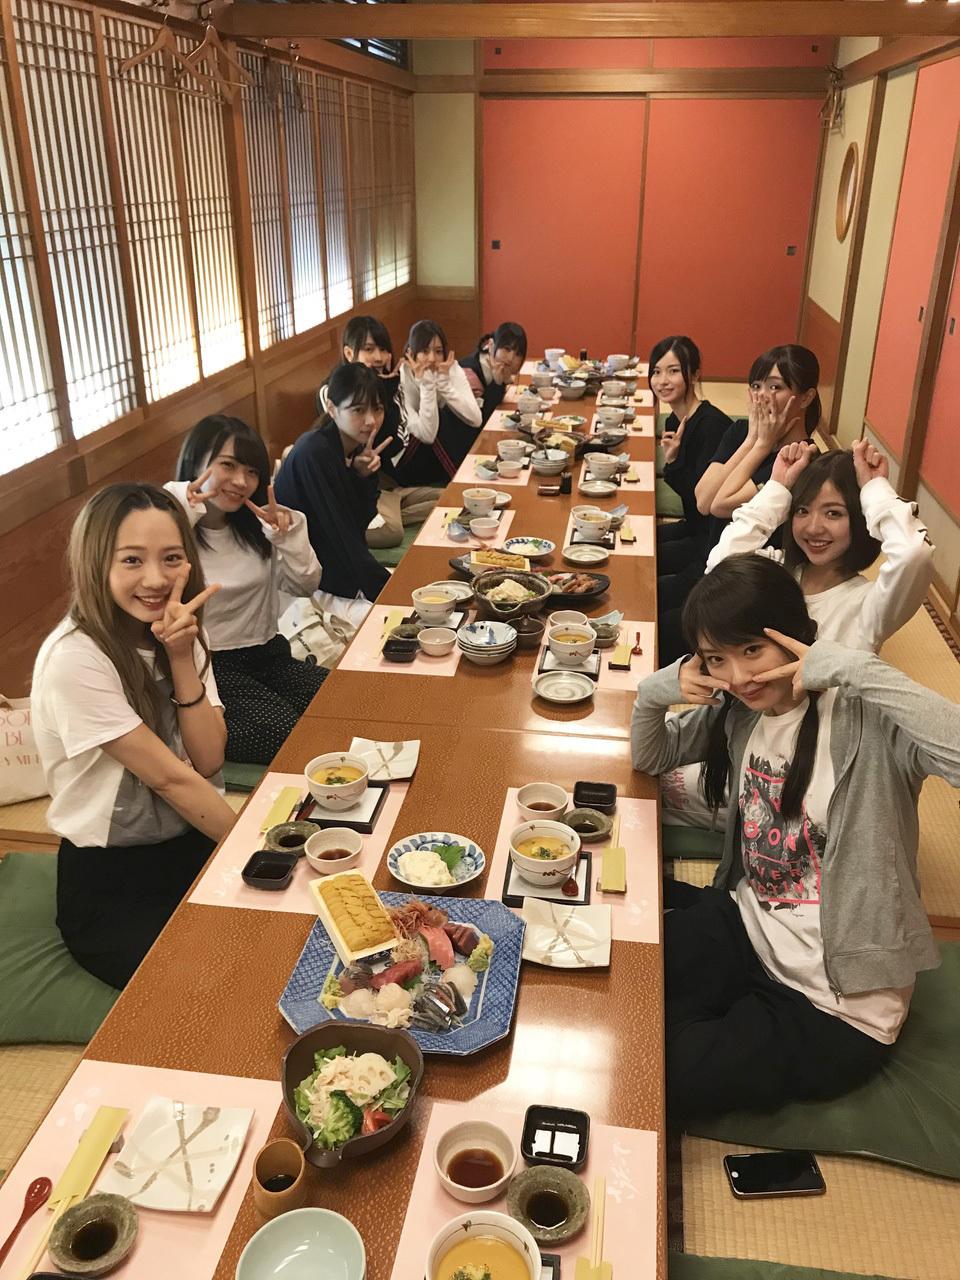 伊藤かりん、ご飯会の報告「仙台 海鮮とか!うにいいい」